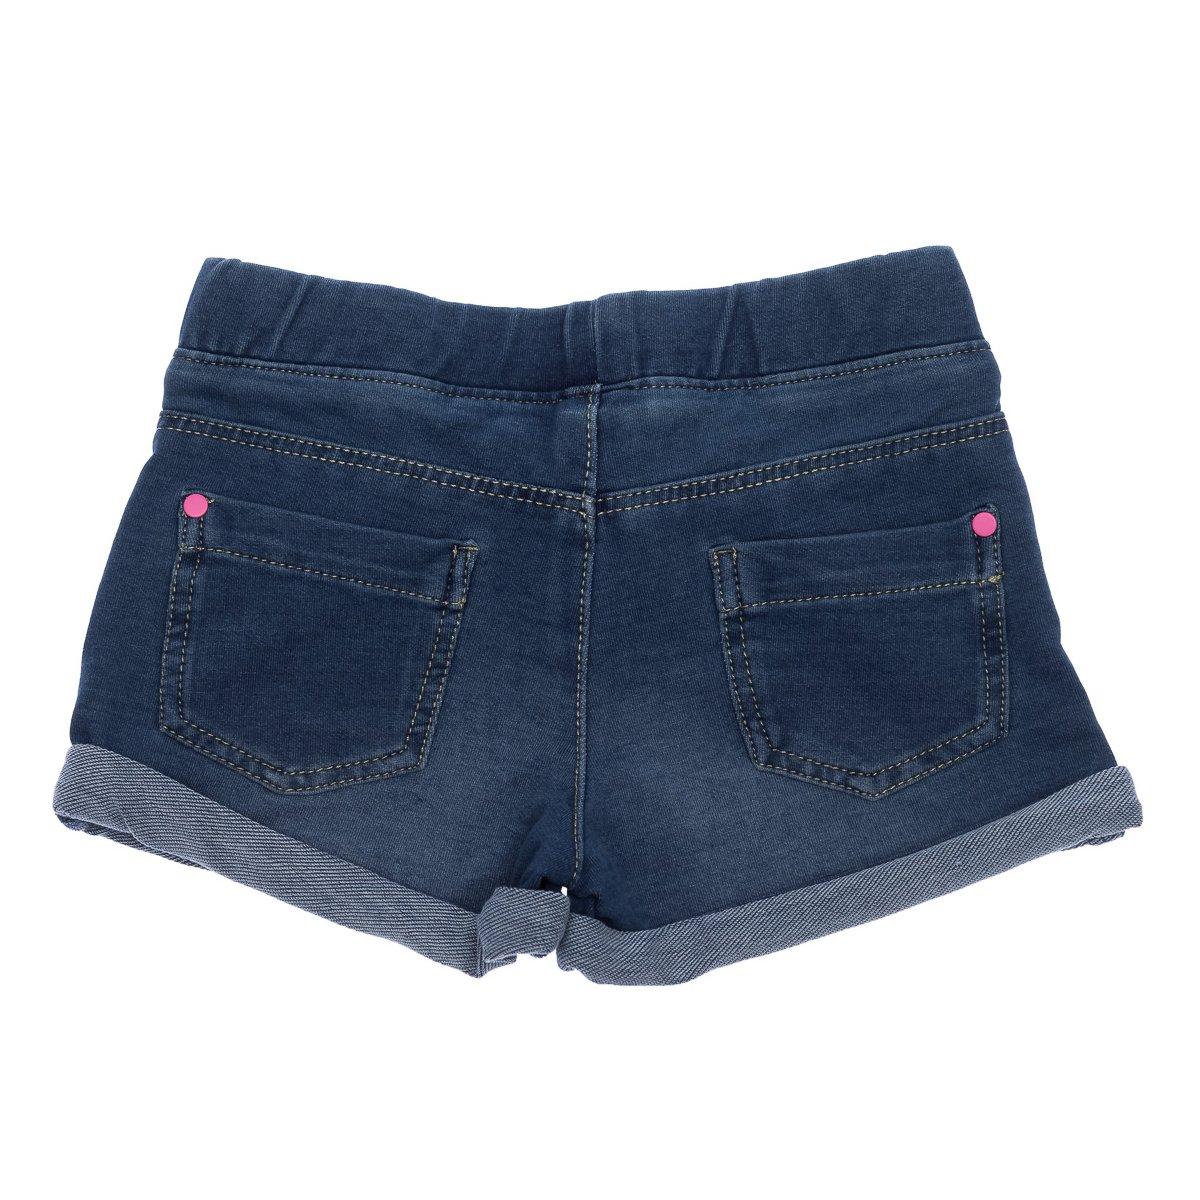 Купить Брюки, джинсы, шорты, Шорты BluKids Blue Sport, р. 128 5534800 ТМ: BluKids, синий